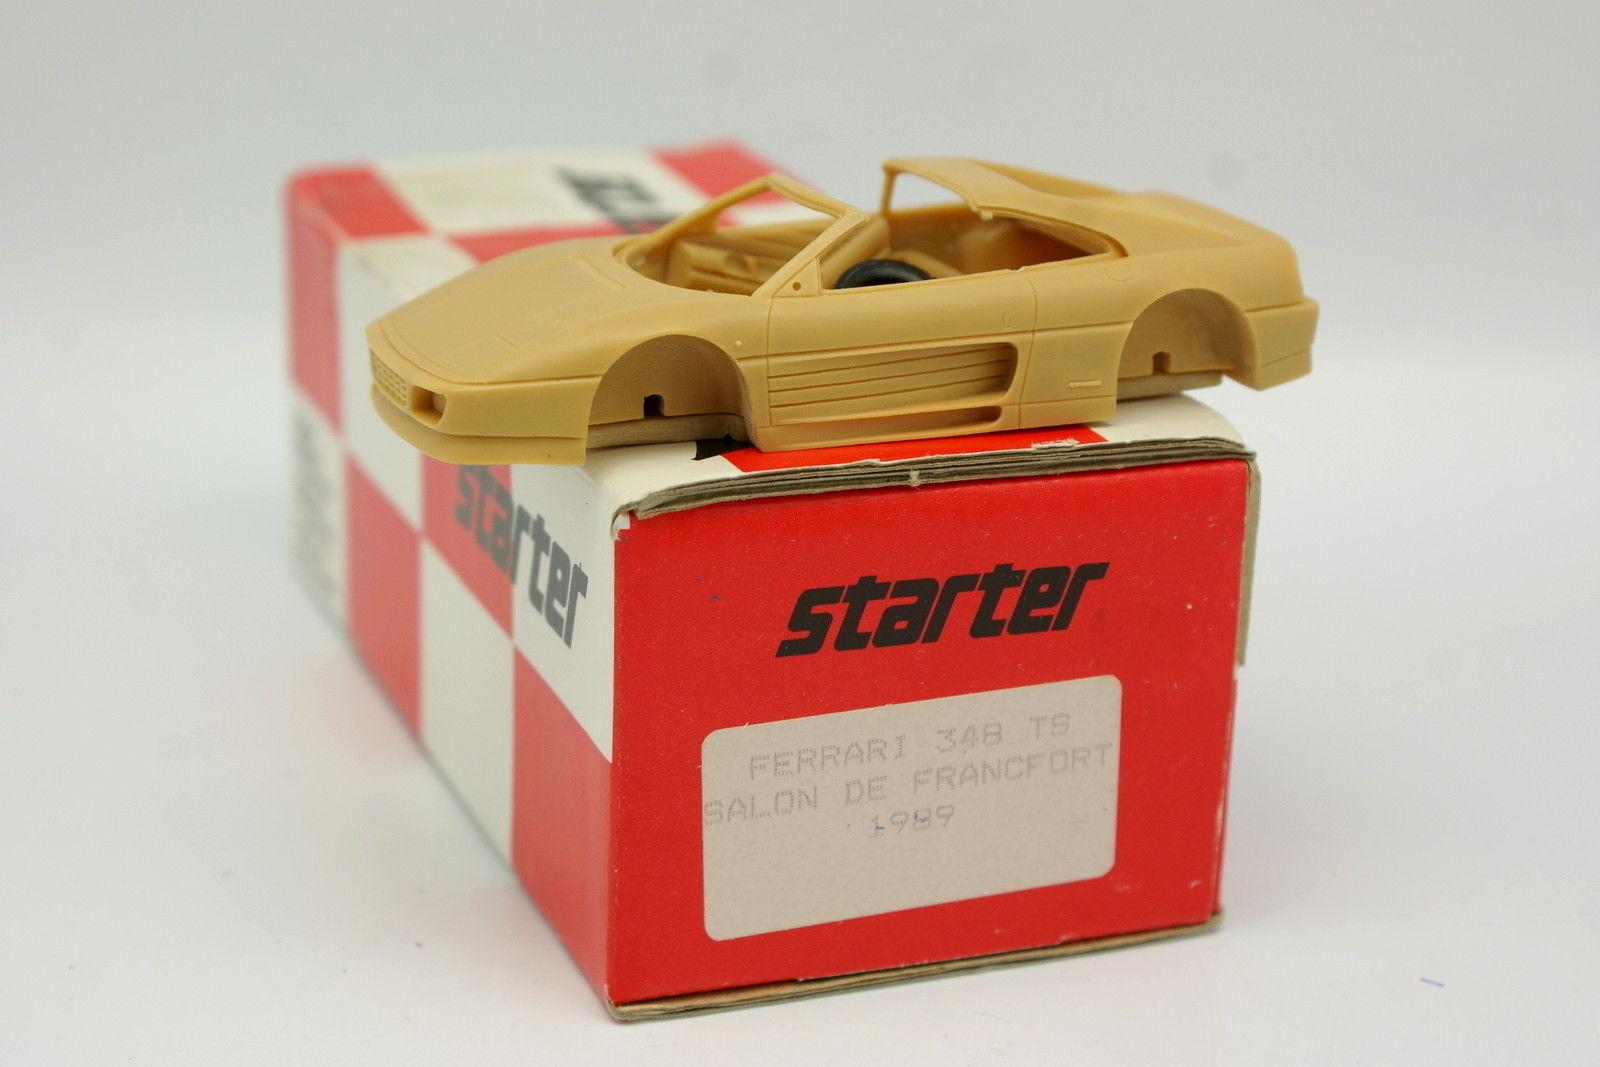 Starter Kit à monter 1 43 - Ferrari 340 TS Francfort 1989